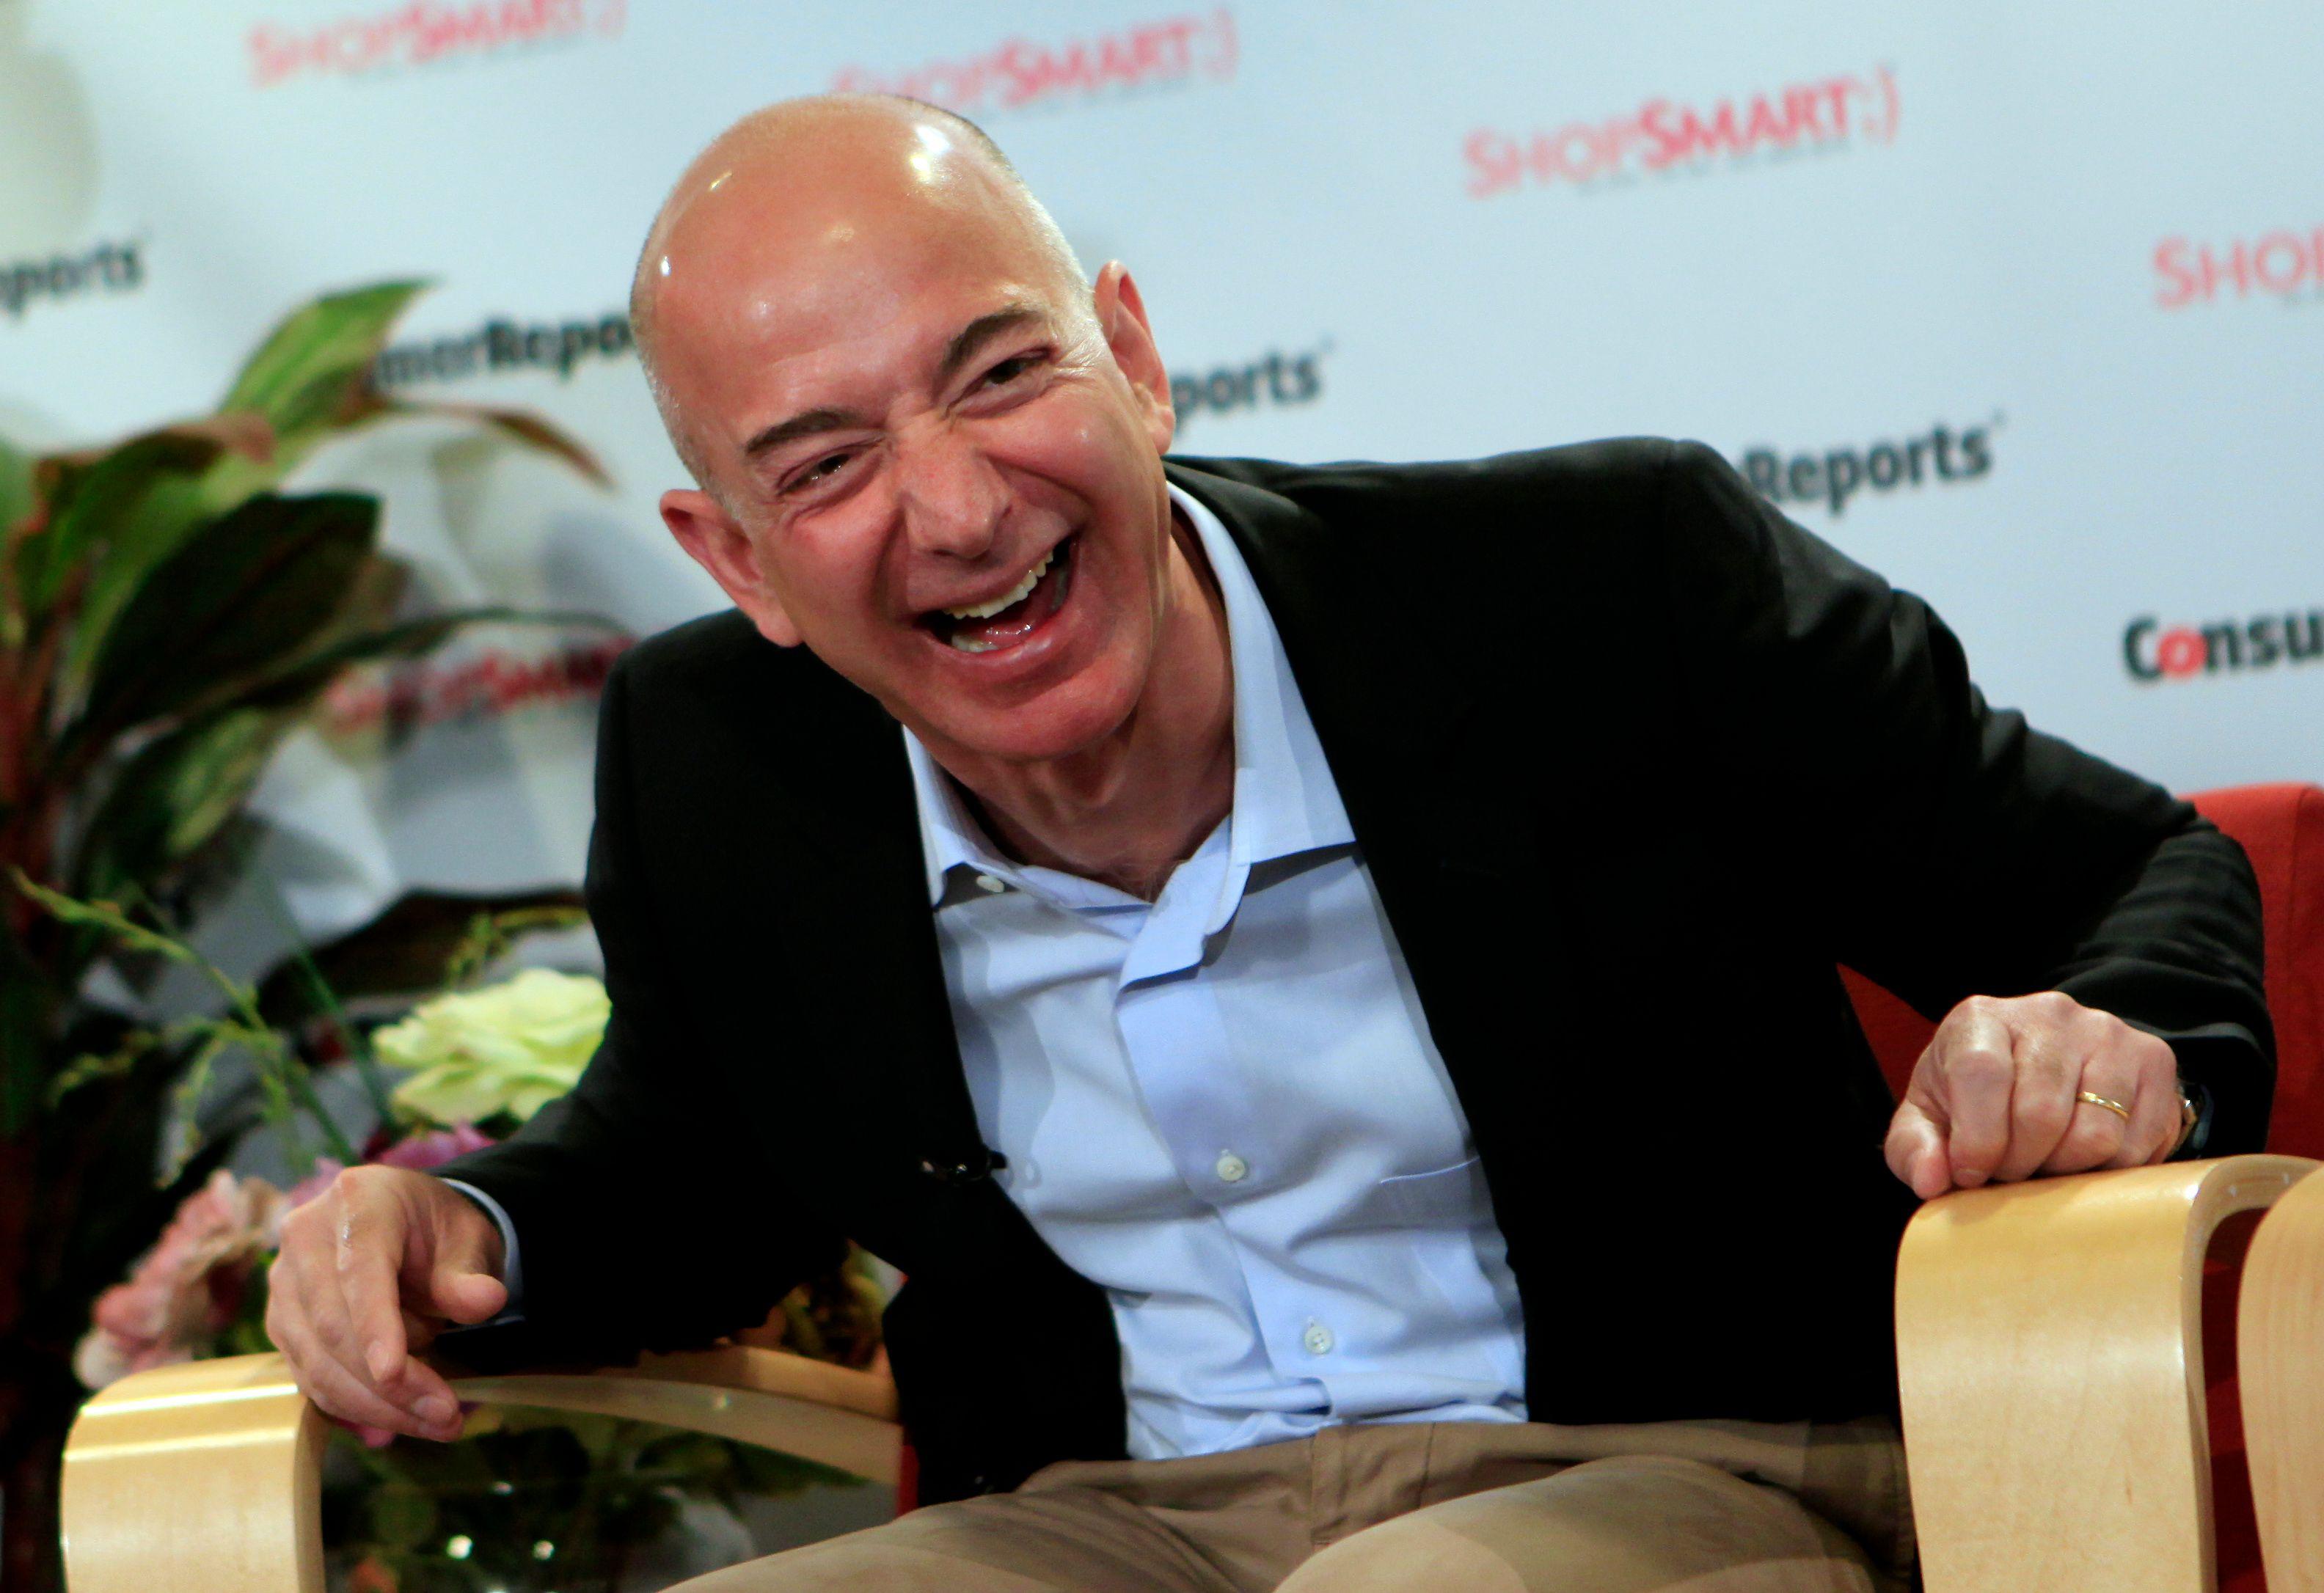 Jeff Bezos, CEO d'Amazon, a ete l'homme le plus riche du monde, ça n'a duré que 24 heures mais ça n'a aucune importance